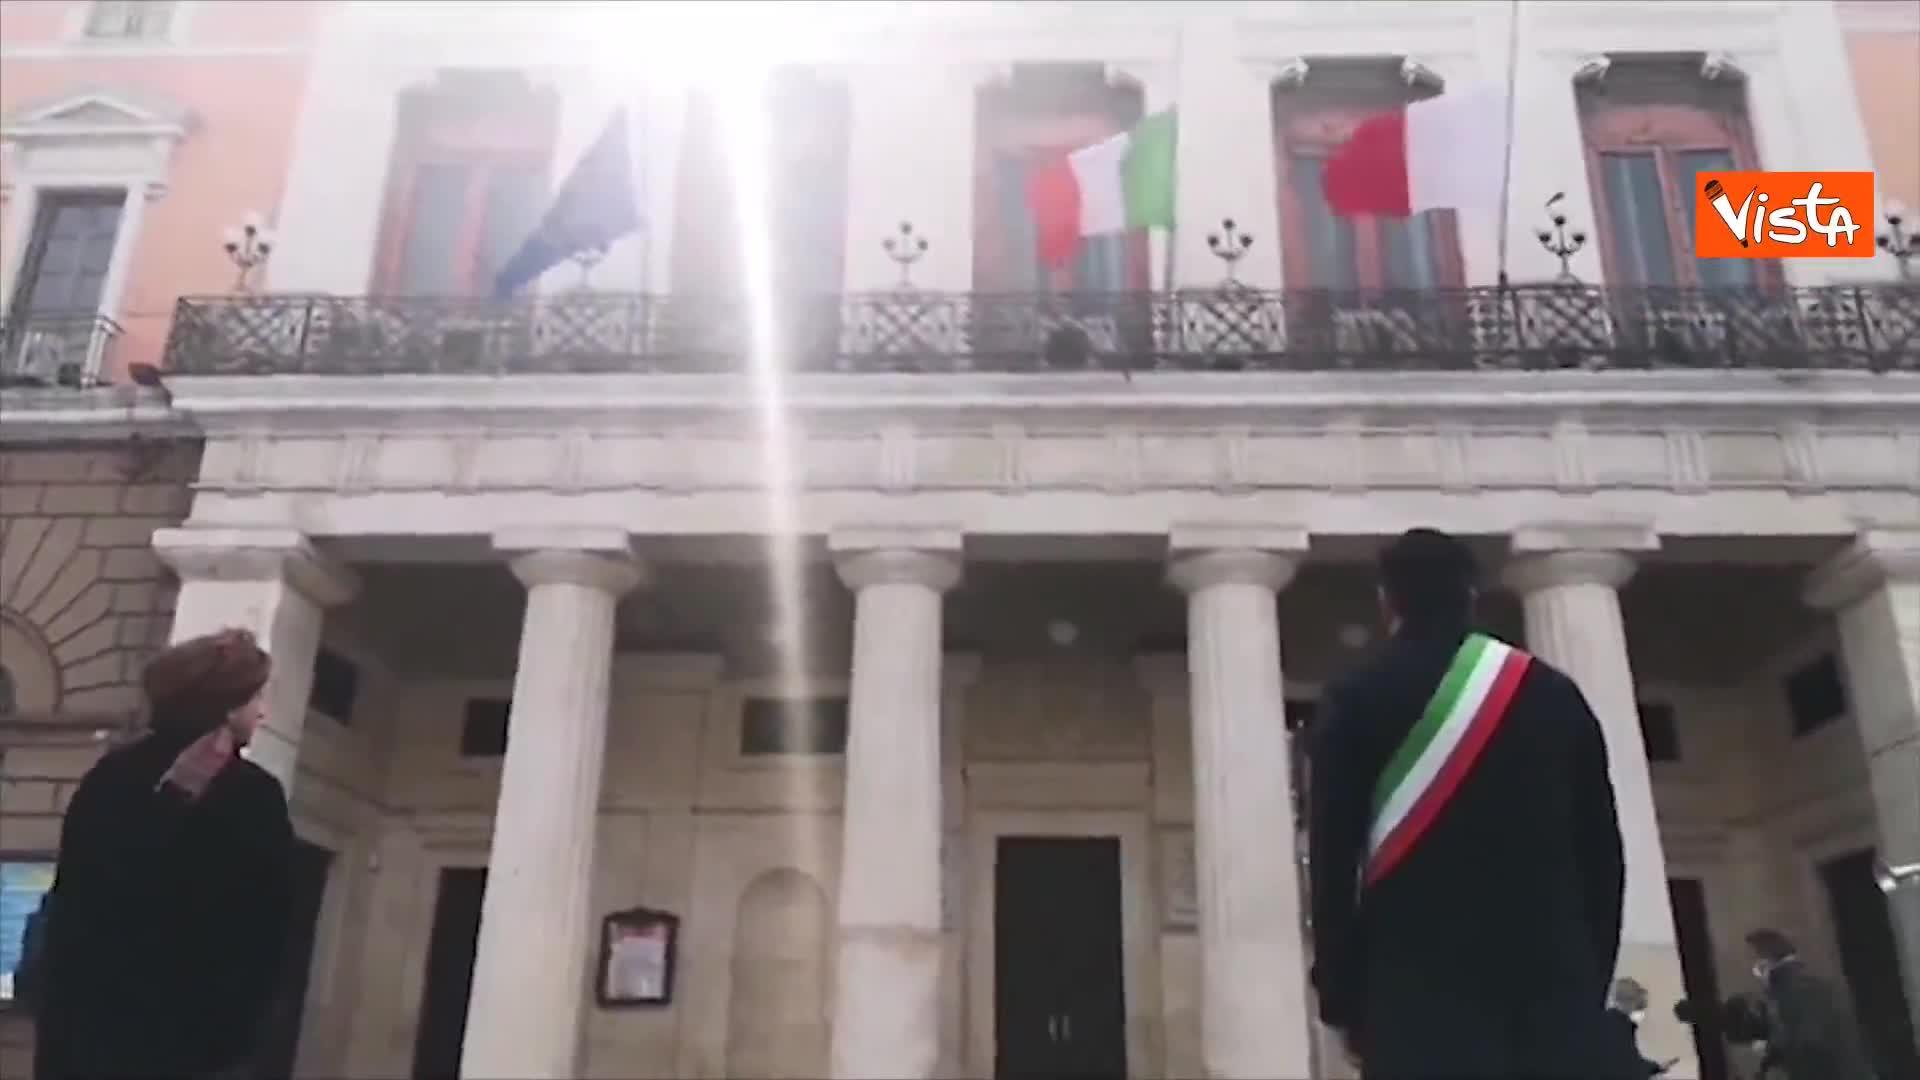 Il sindaco Decaro davanti al comune di Bari per il minuto di raccoglimento in ricordo delle vittime